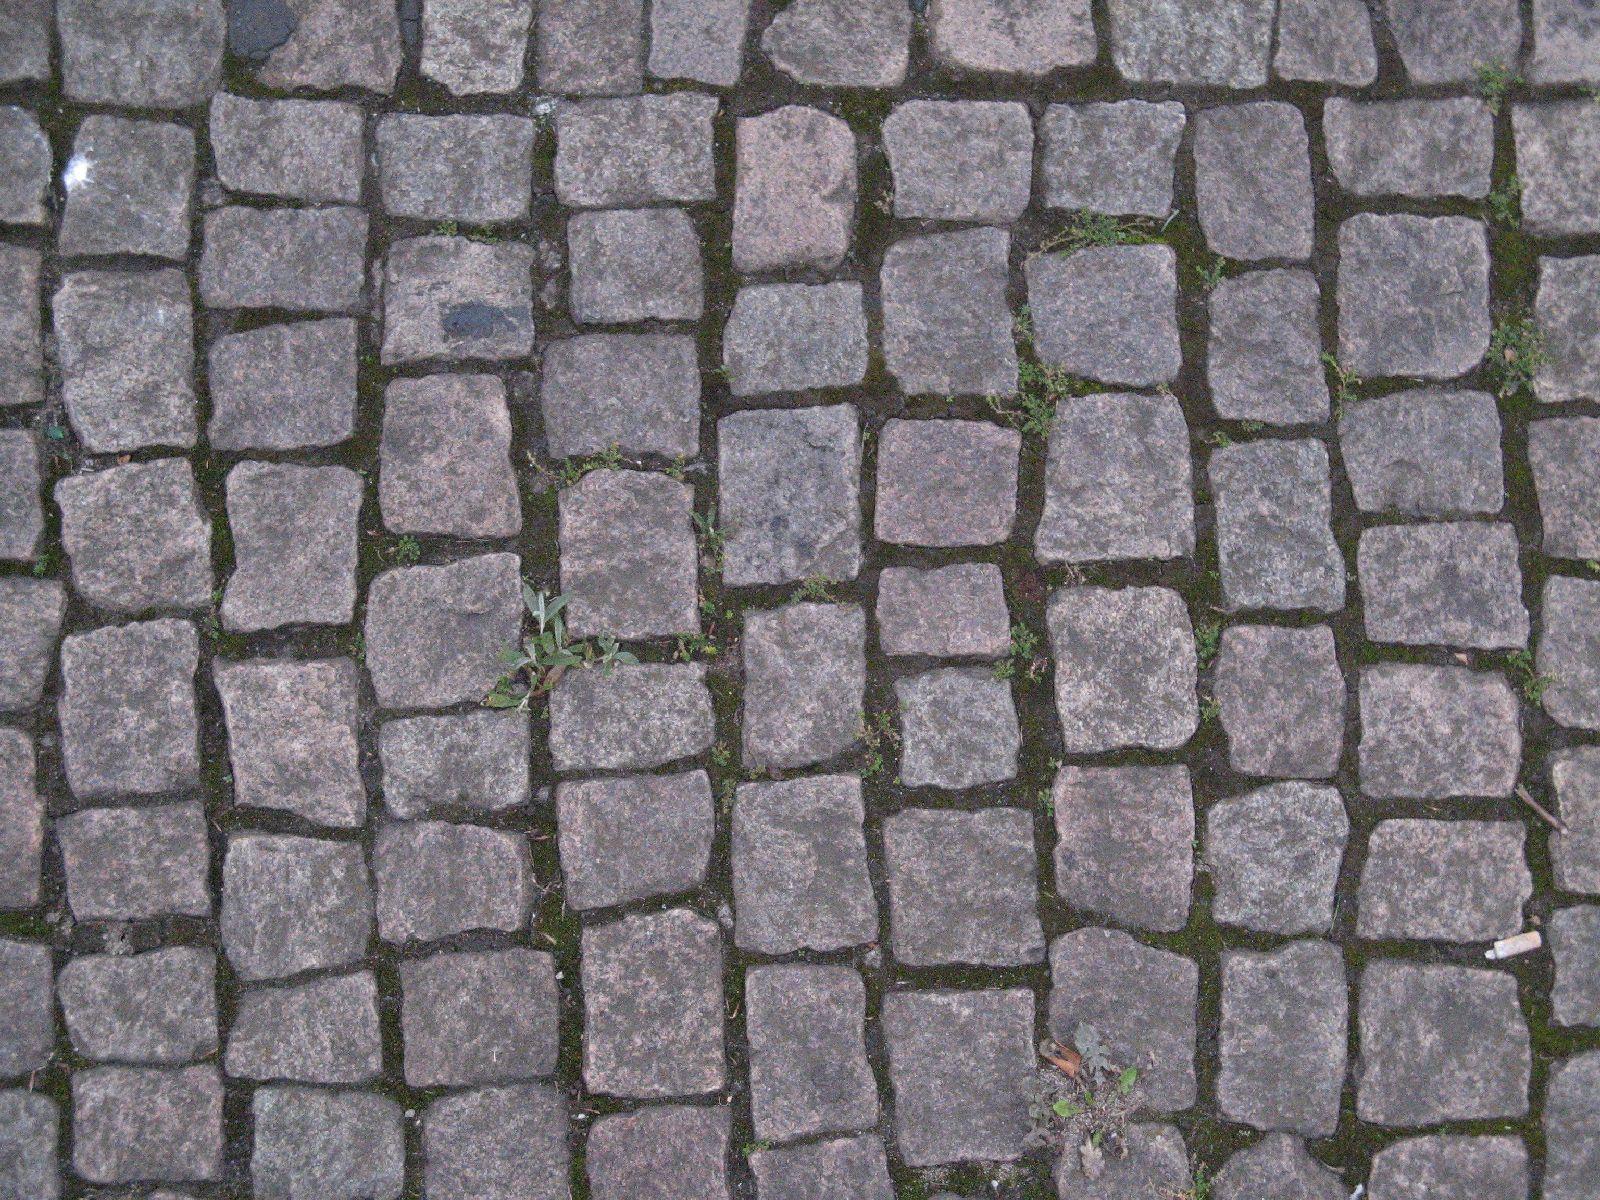 Boden-Gehweg-Strasse-Buergersteig-Textur_B_3096